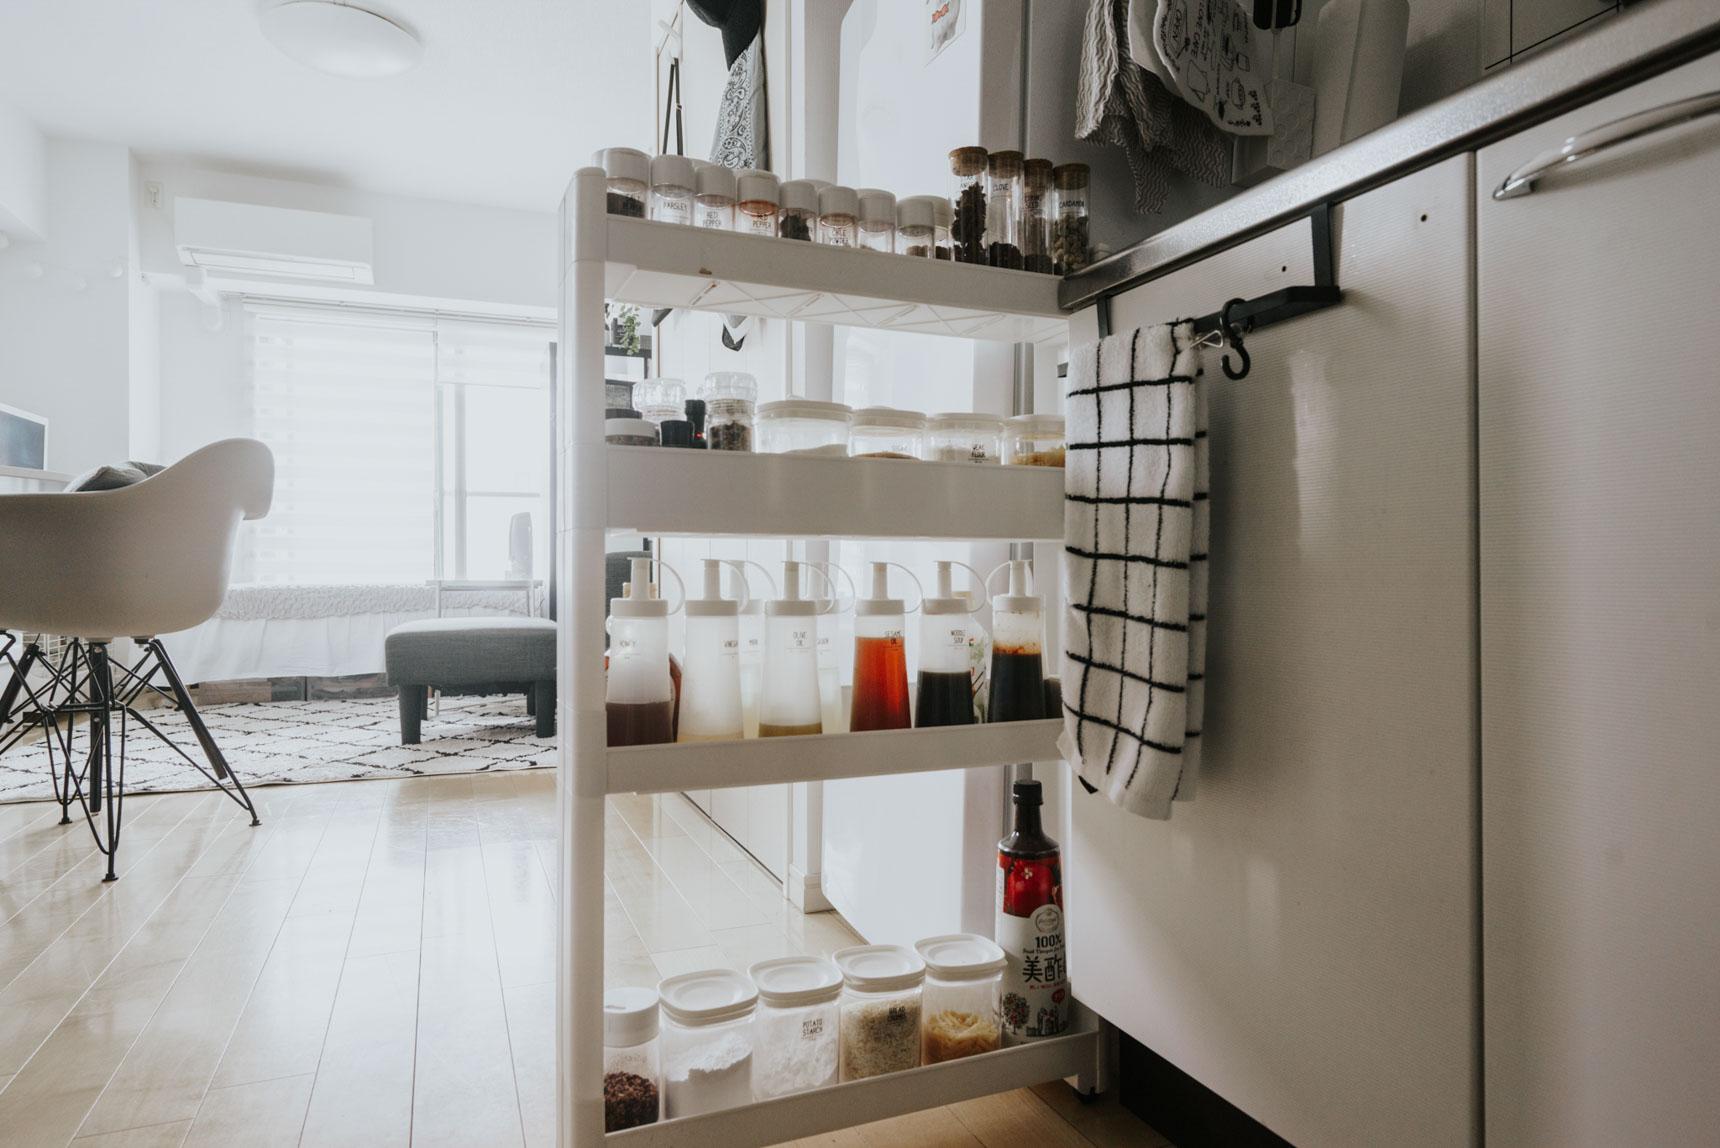 お部屋をモノトーンのテイストで揃えている方は、調味料コーナーももちろん白で統一。これだけのサイズのものも、100円雑貨であれば気兼ねなく揃えられますね。